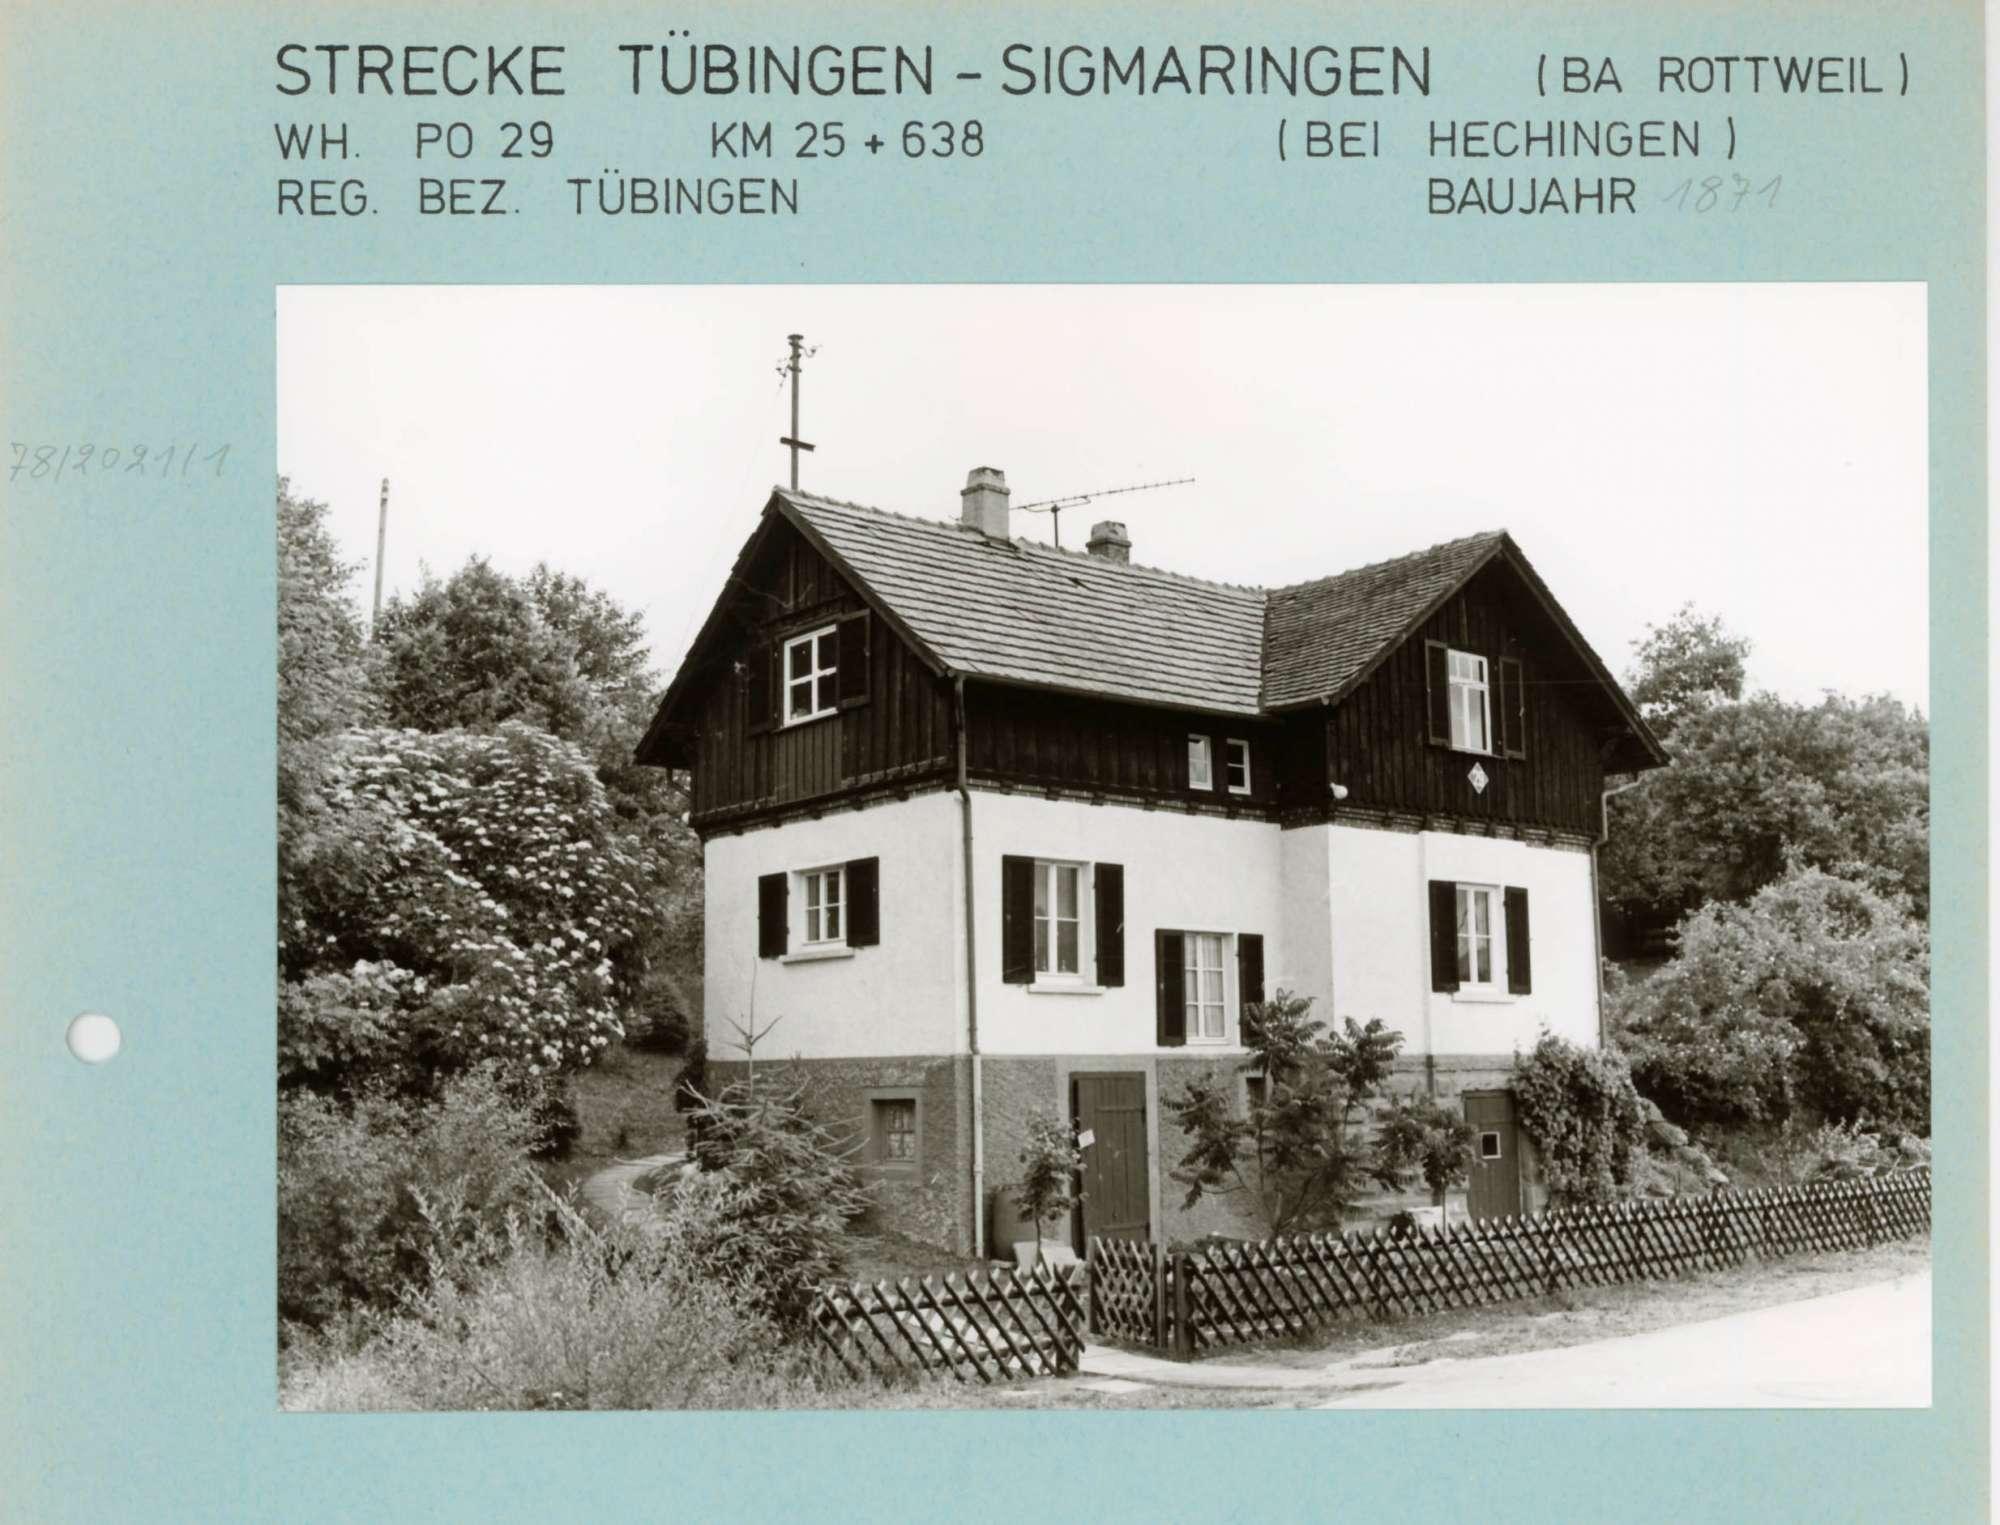 Hechingen: 2 Fotos, Bild 1